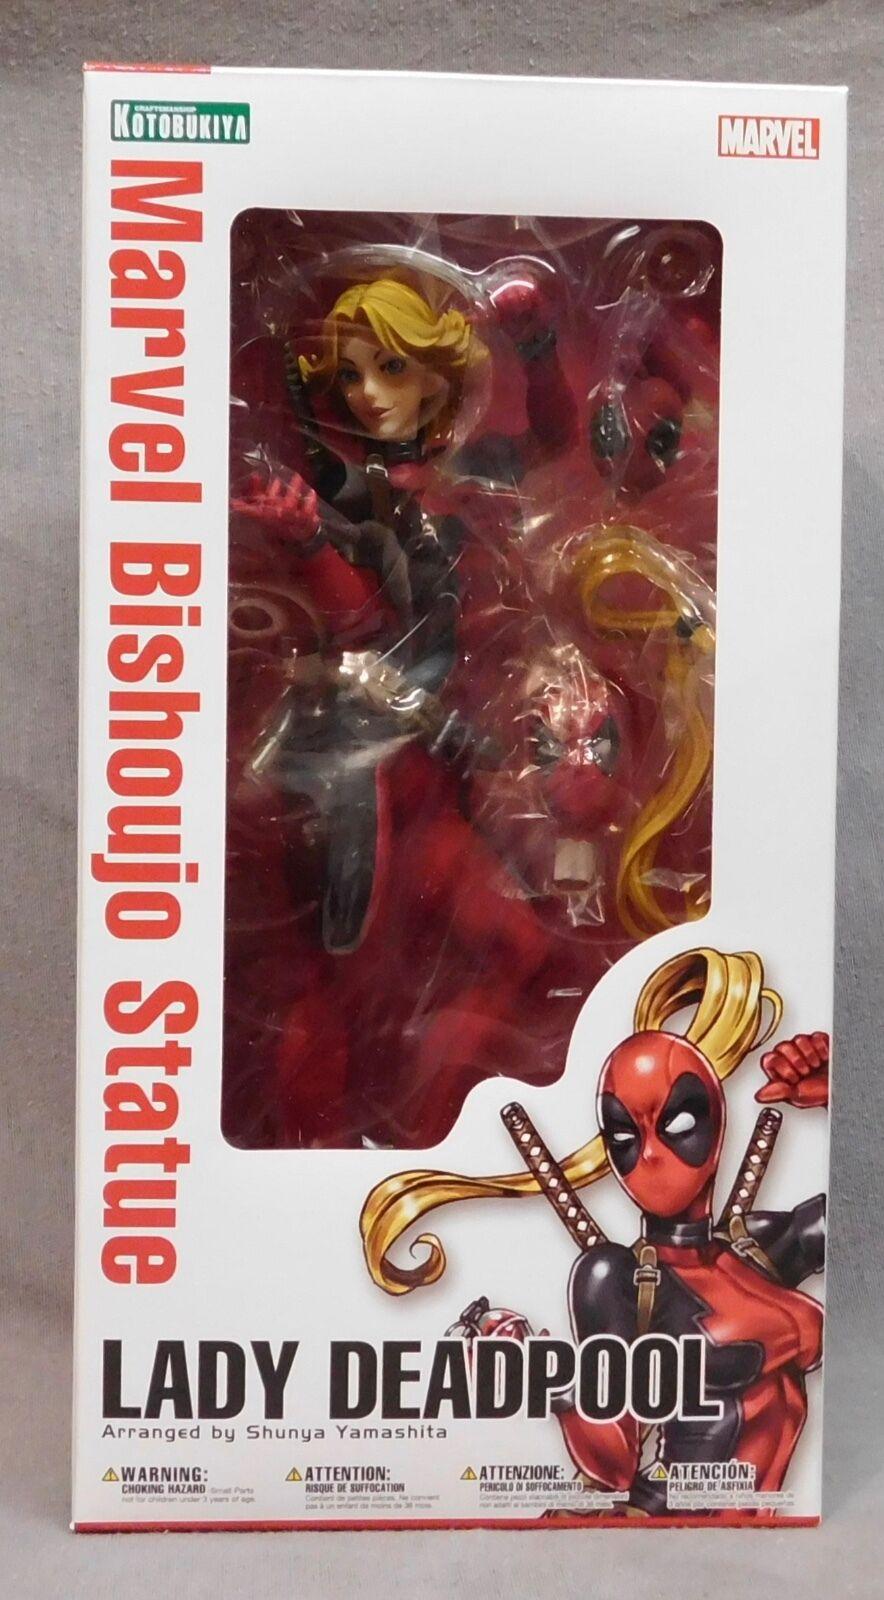 Marvel - lady für deadpool bishoujo statue - kotobukiya